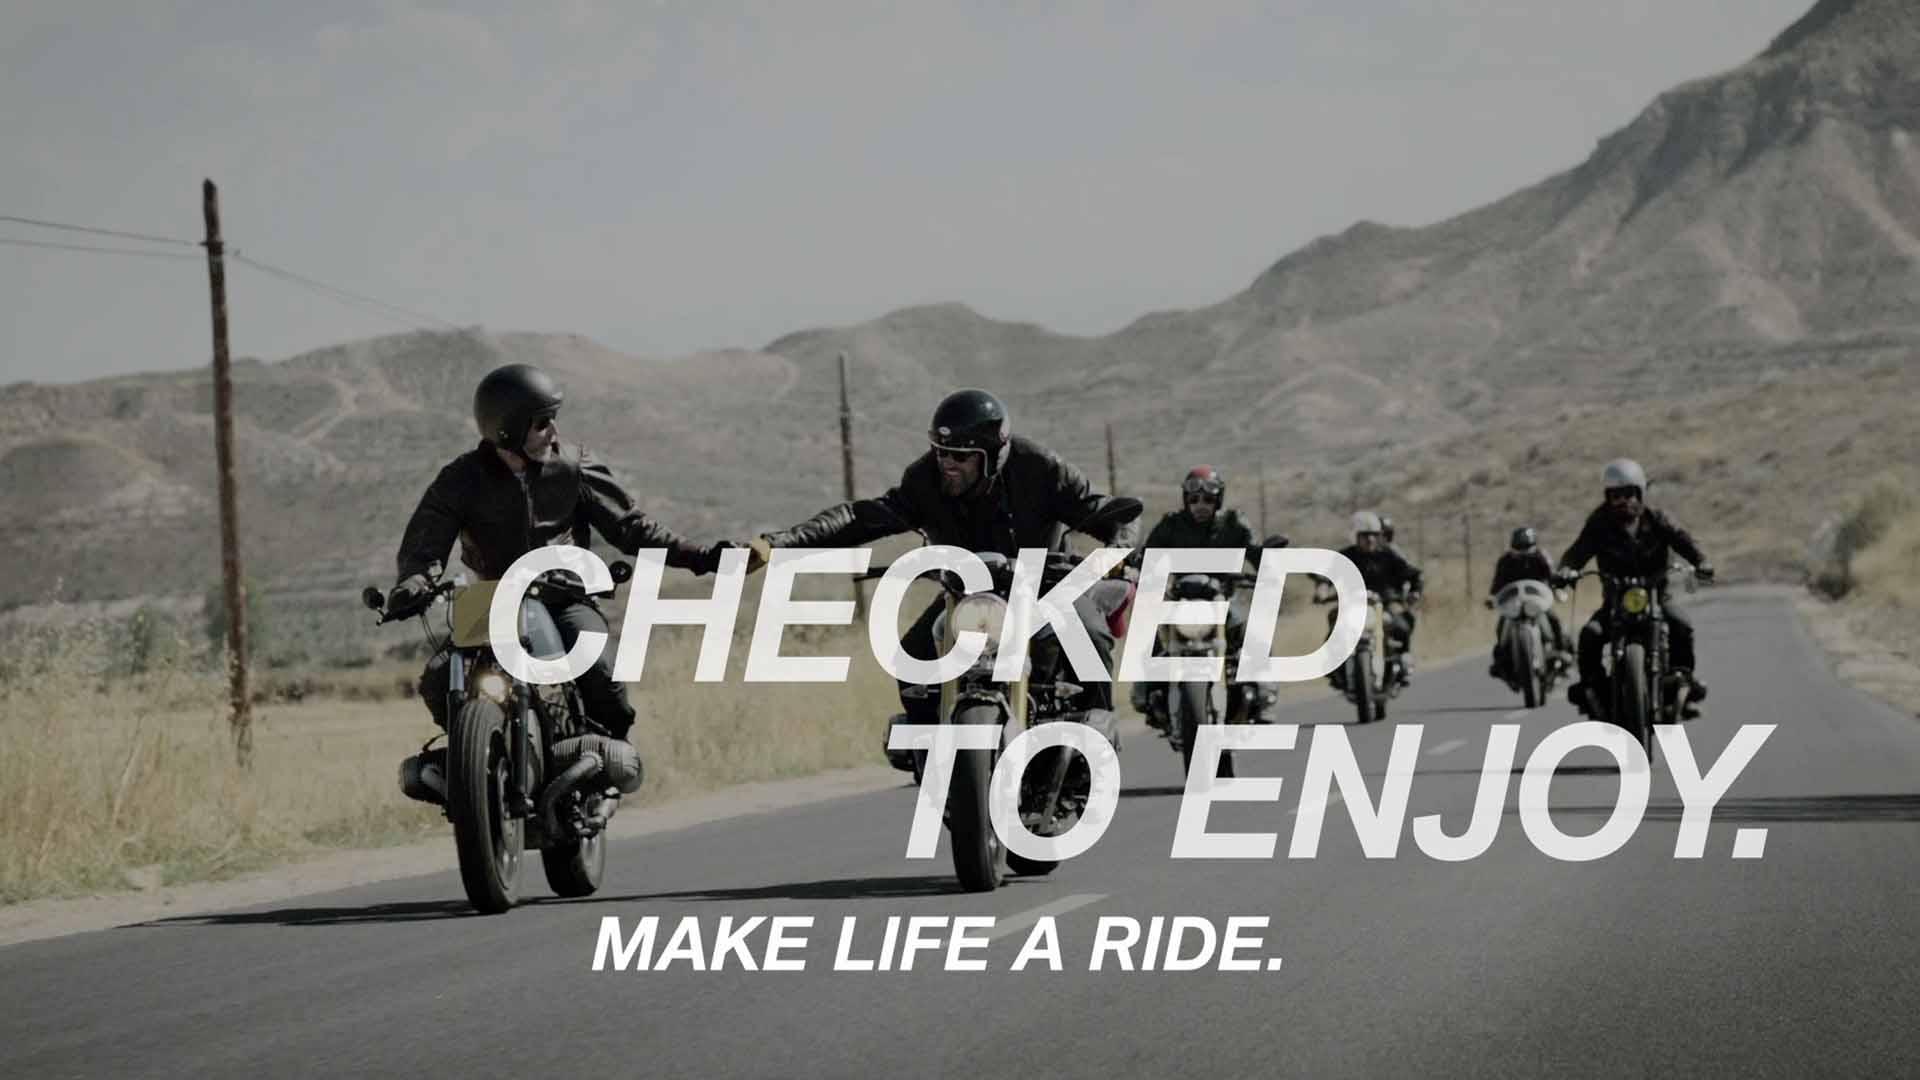 Das Bild zeigt zwei Motorradfahrer die sich gegenseitig eine Faust geben. Im Hintergrund sind Berge und noch weitere Motorradfahrer zu sehen. Das Bild dient als Slider Bild wurde für den Portfolioeintrag BMW - Checked to enjoy von Panda Pictures.